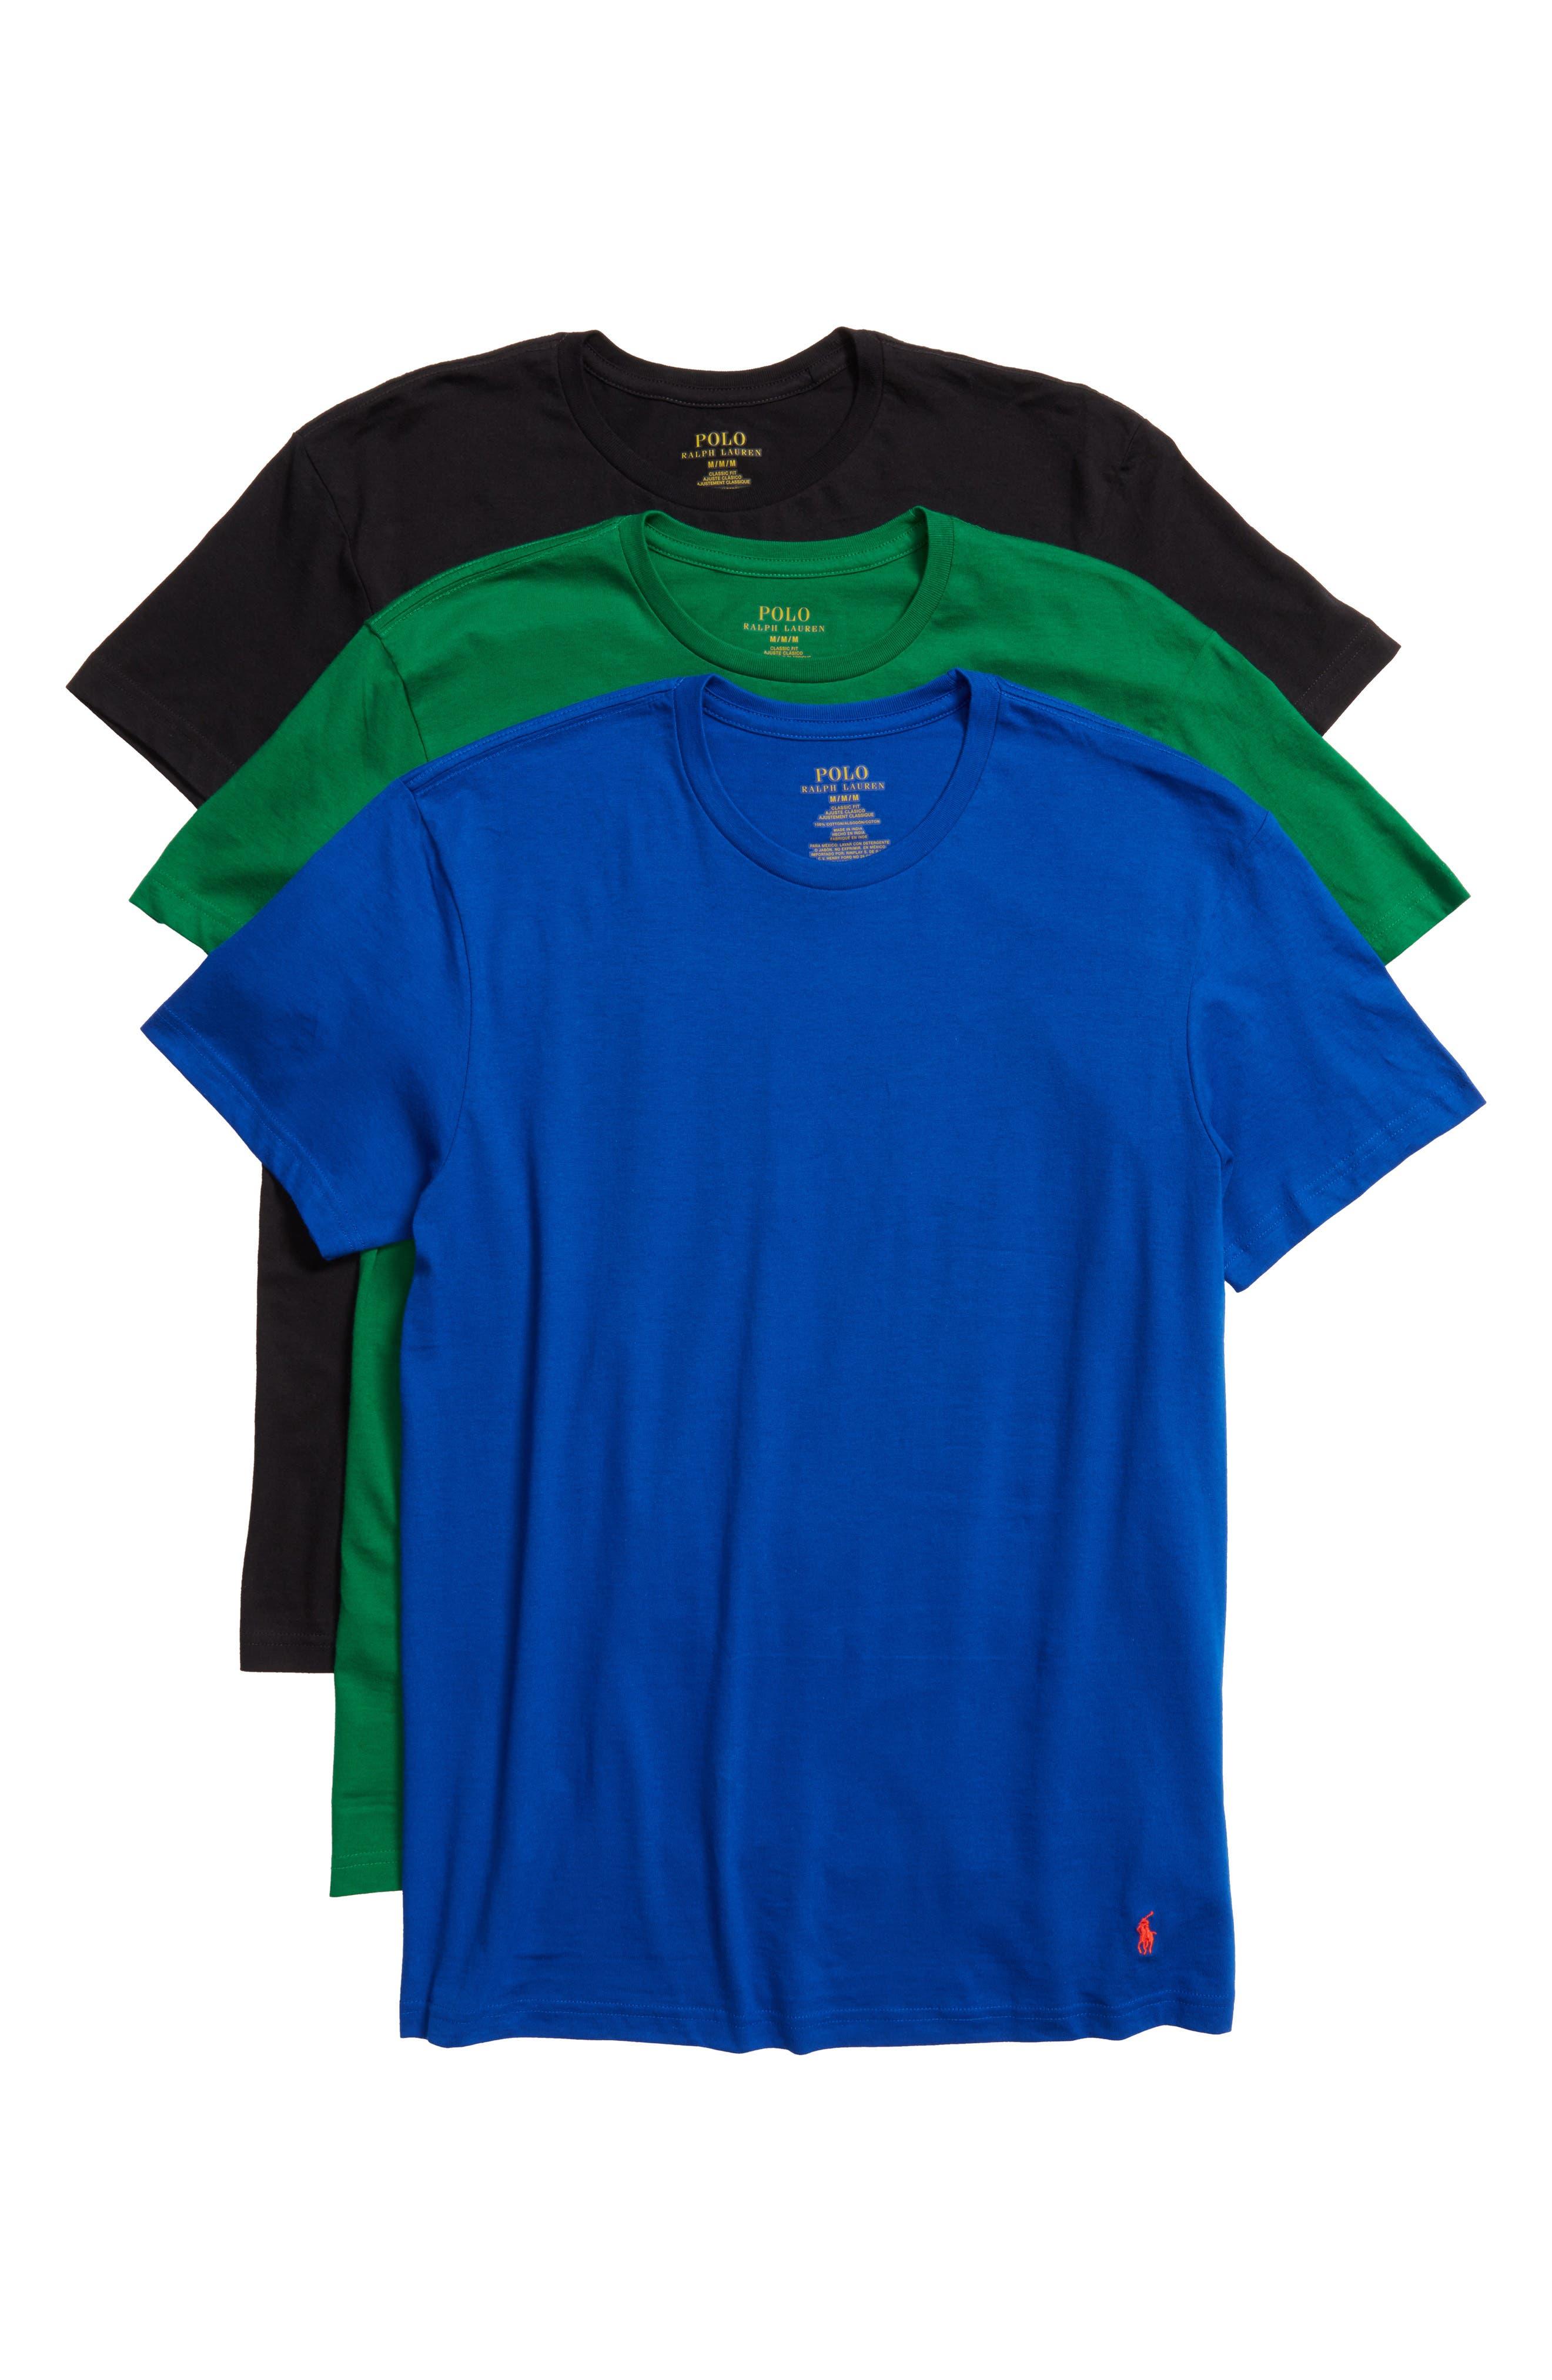 3-Pack Crewneck Cotton T-Shirts,                             Alternate thumbnail 6, color,                             001